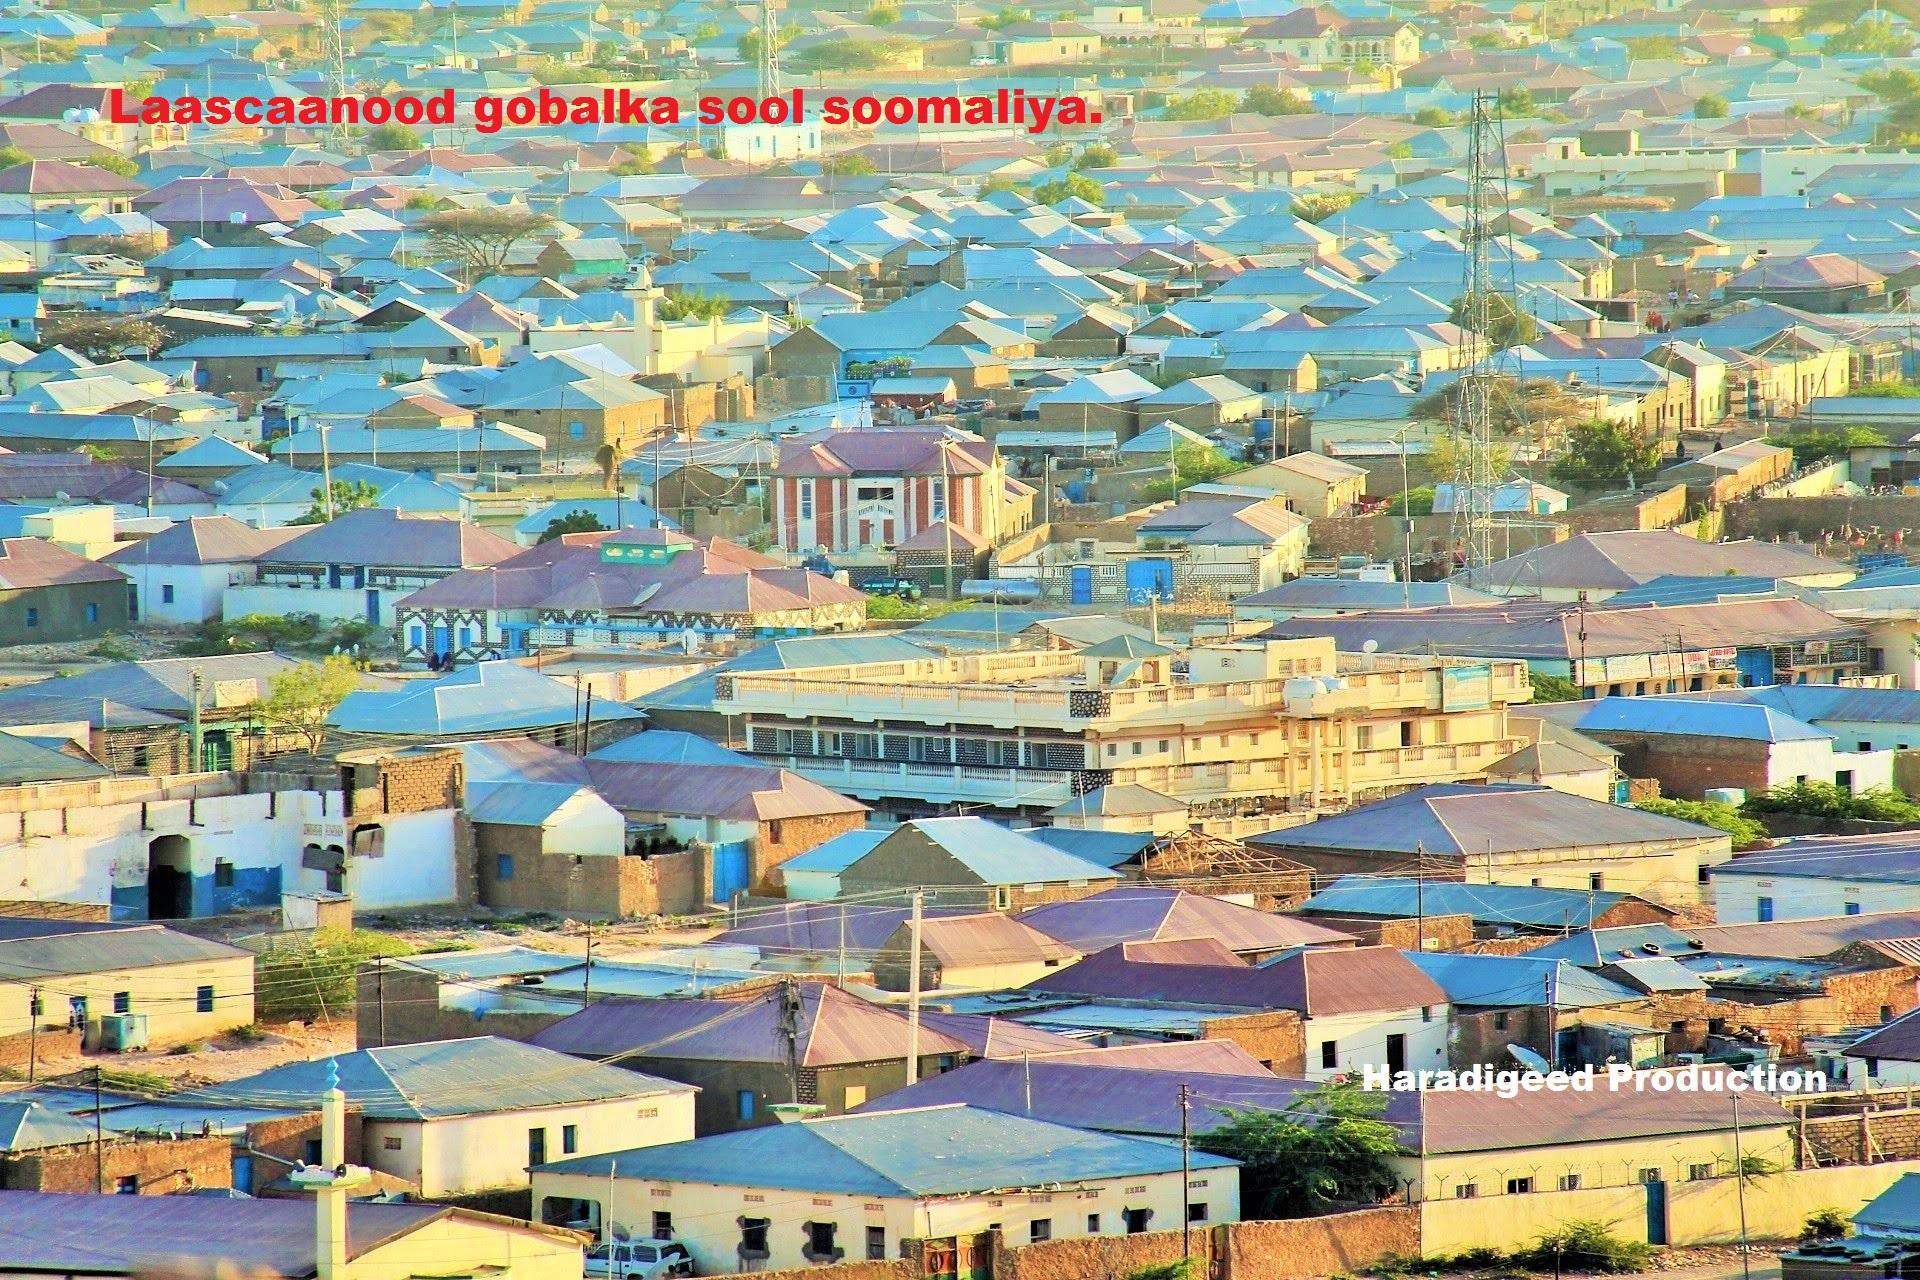 Guddoomiyaha gobolka Sool ee Somaliland oo qiray Colaadda Dhumay inay qayb ka yihiin ciidamo mushaar kaqaata Somaliland (daawo)